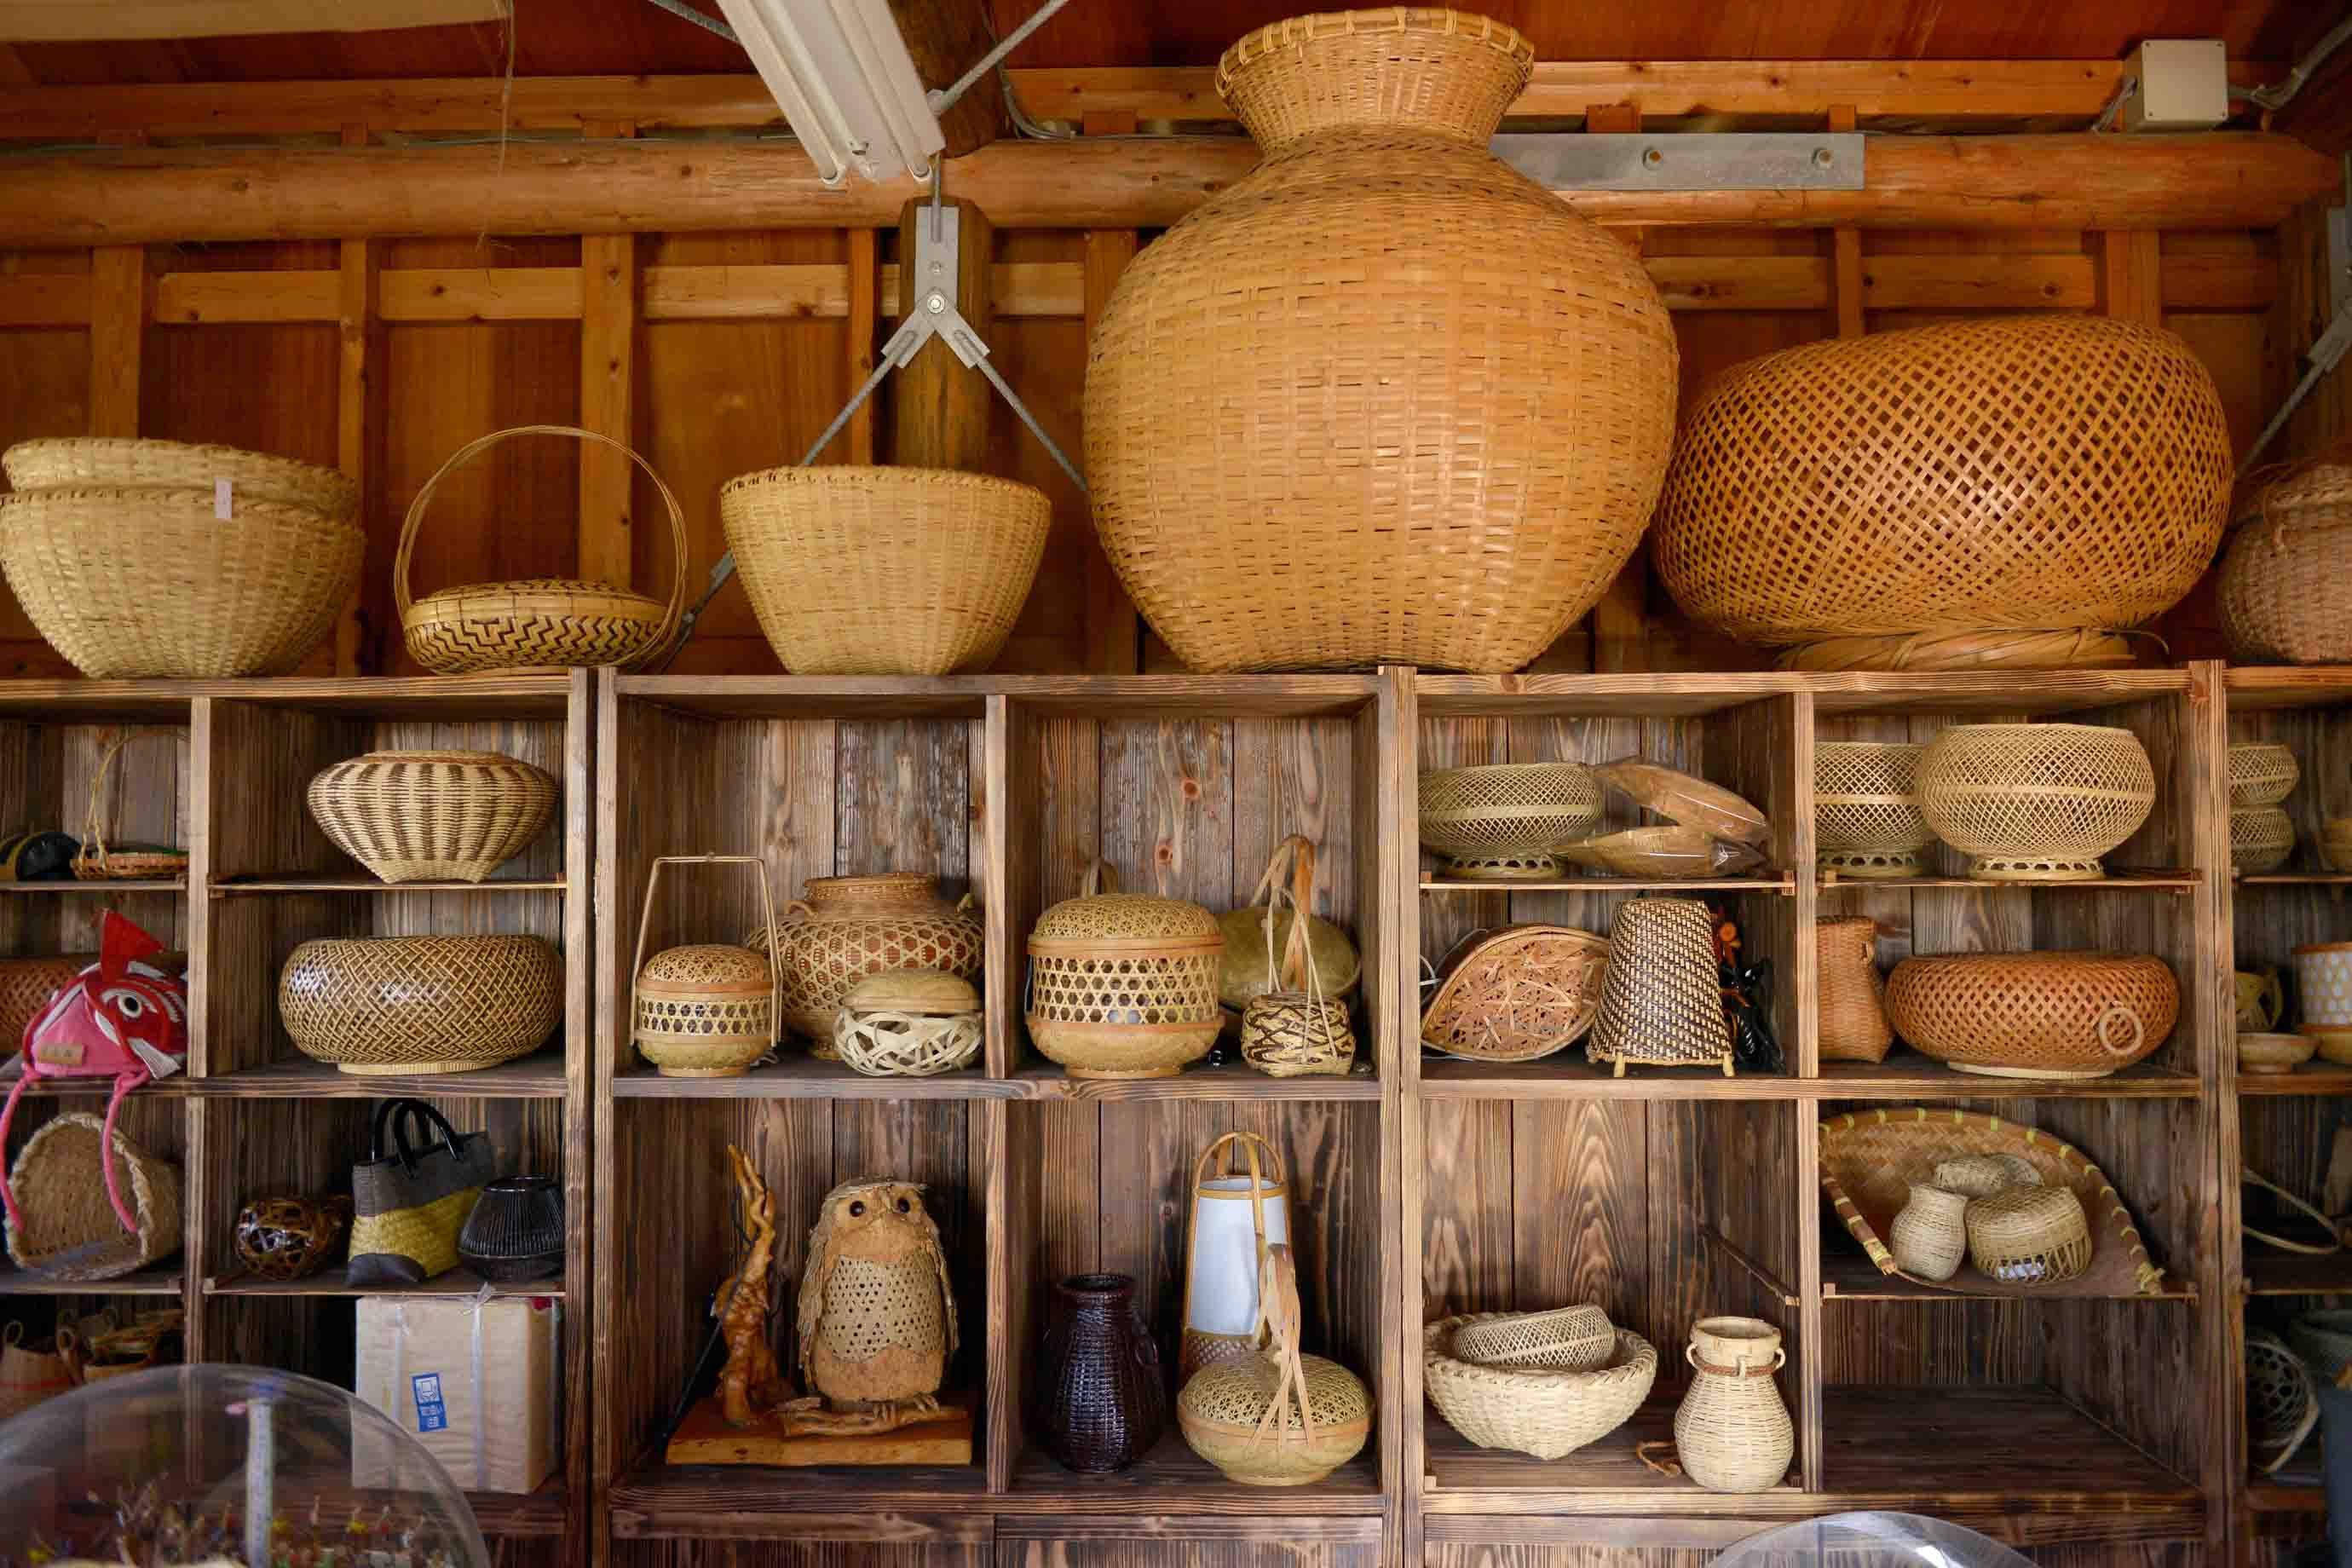 沖縄の日常道具として使われて来た様々なかごが並びます